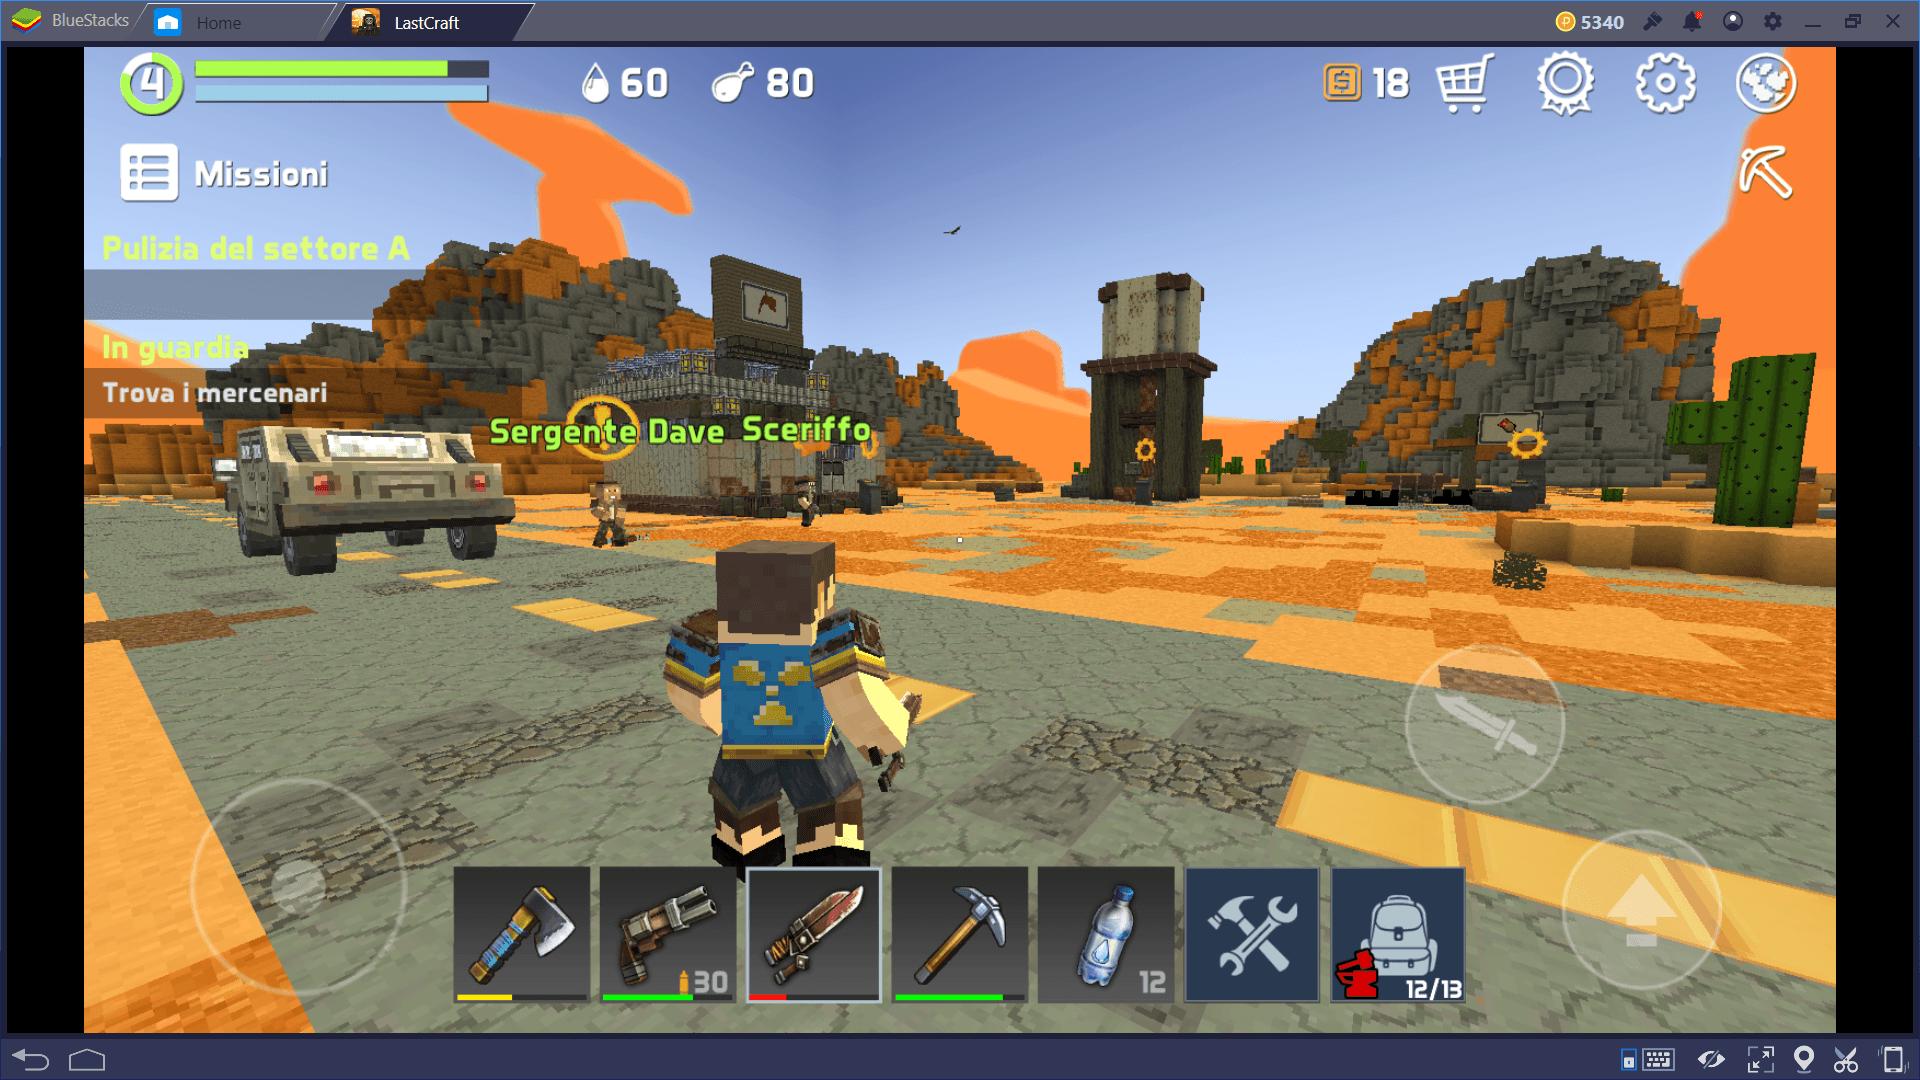 LastCraft Survival: guida al crafting